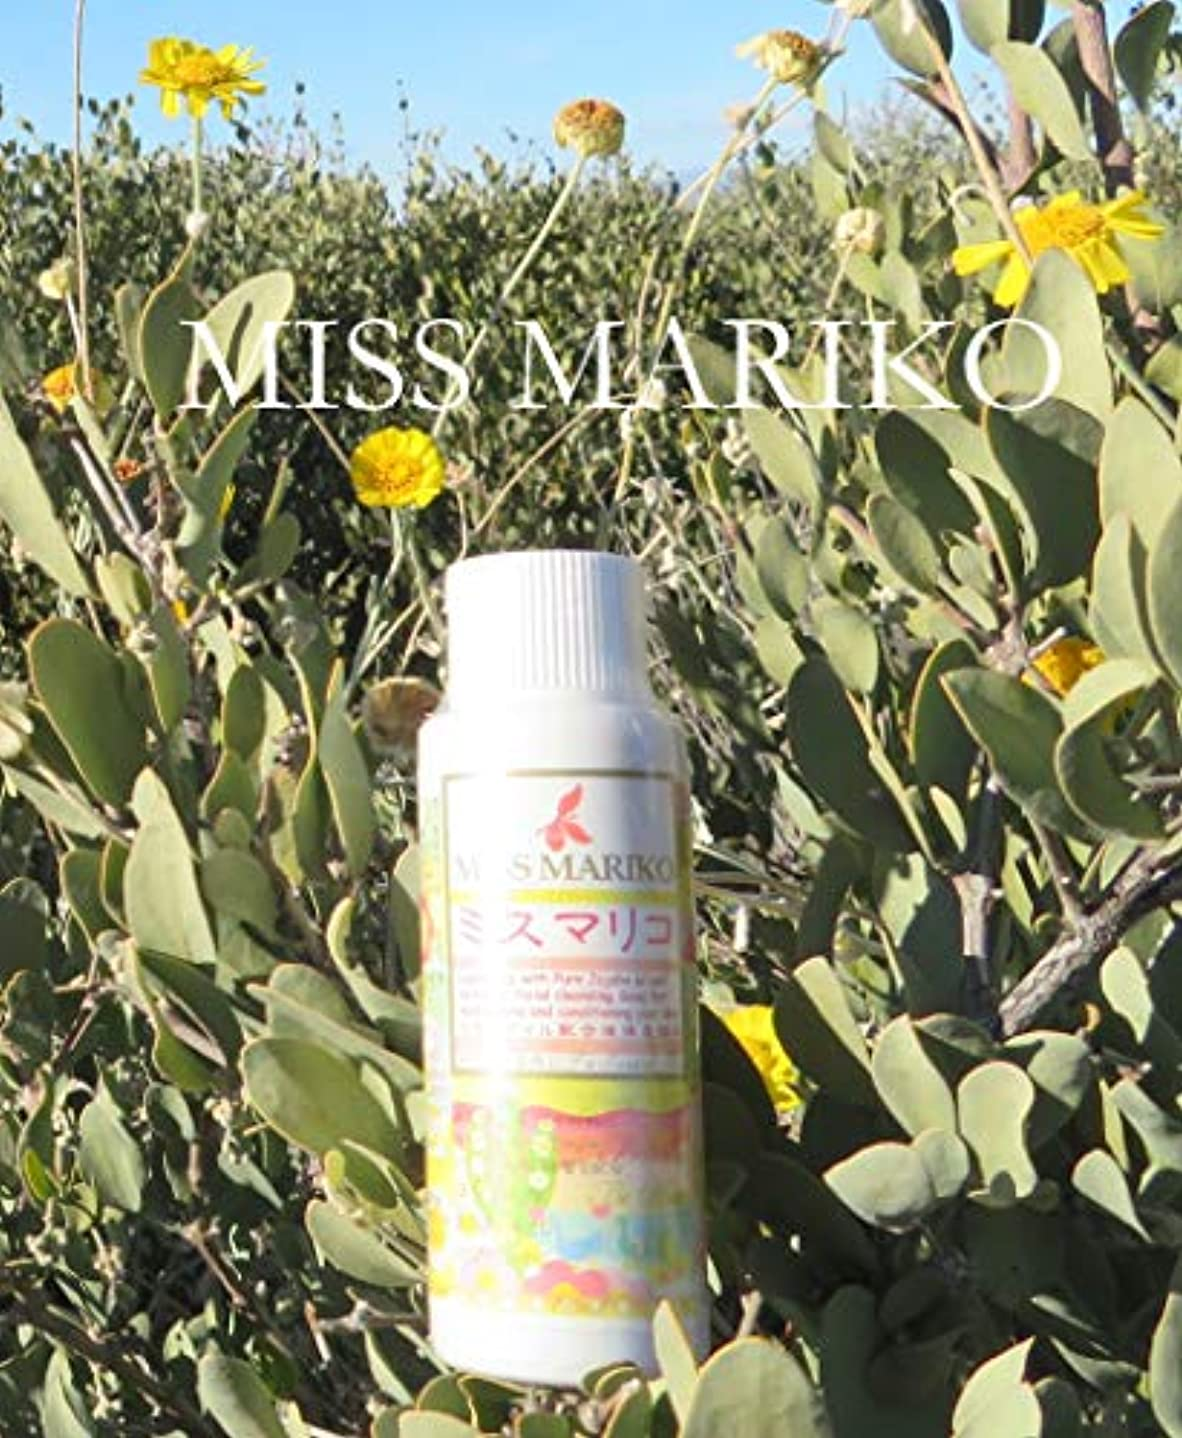 神秘的な怖がって死ぬ電気のミスマリコ MISS MARIKO 液体洗顔料